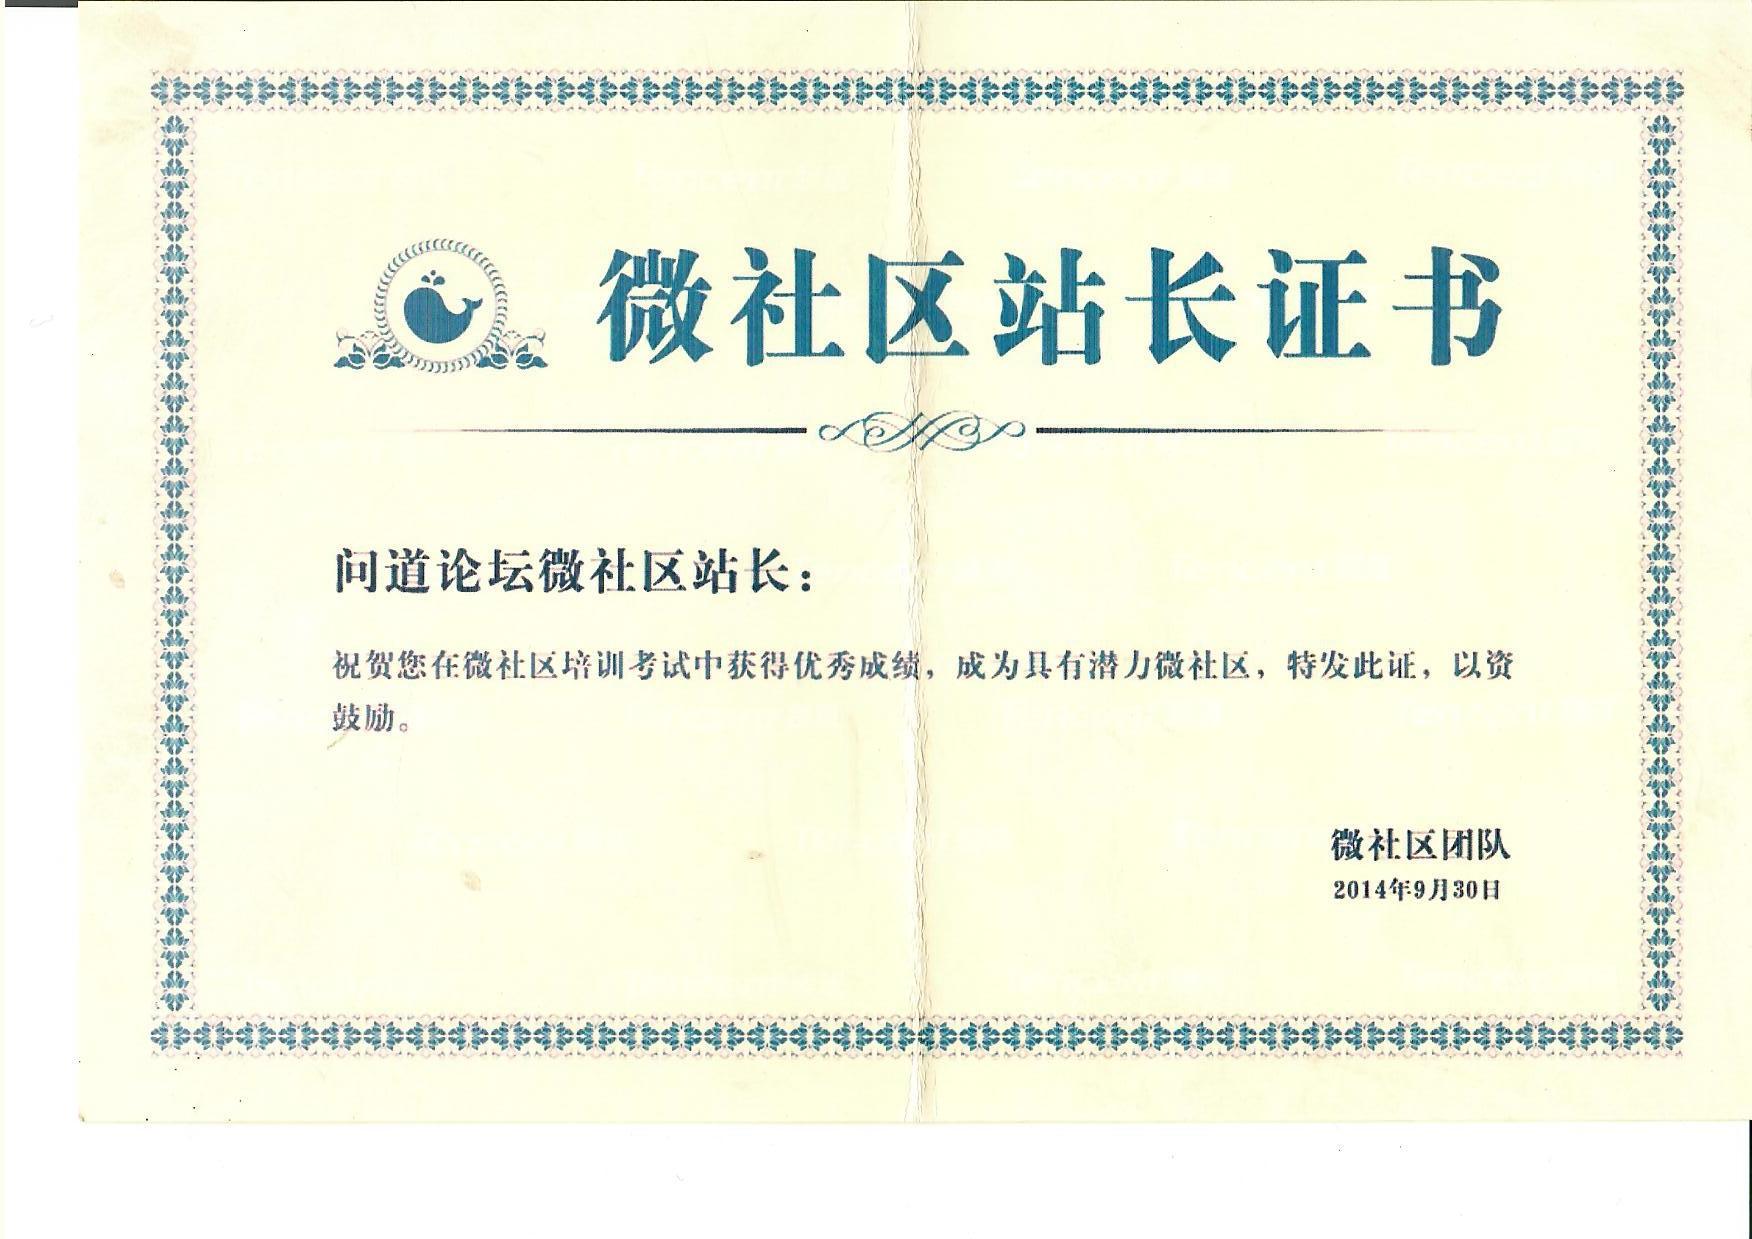 2014年9月30日:腾讯微社区站长证书